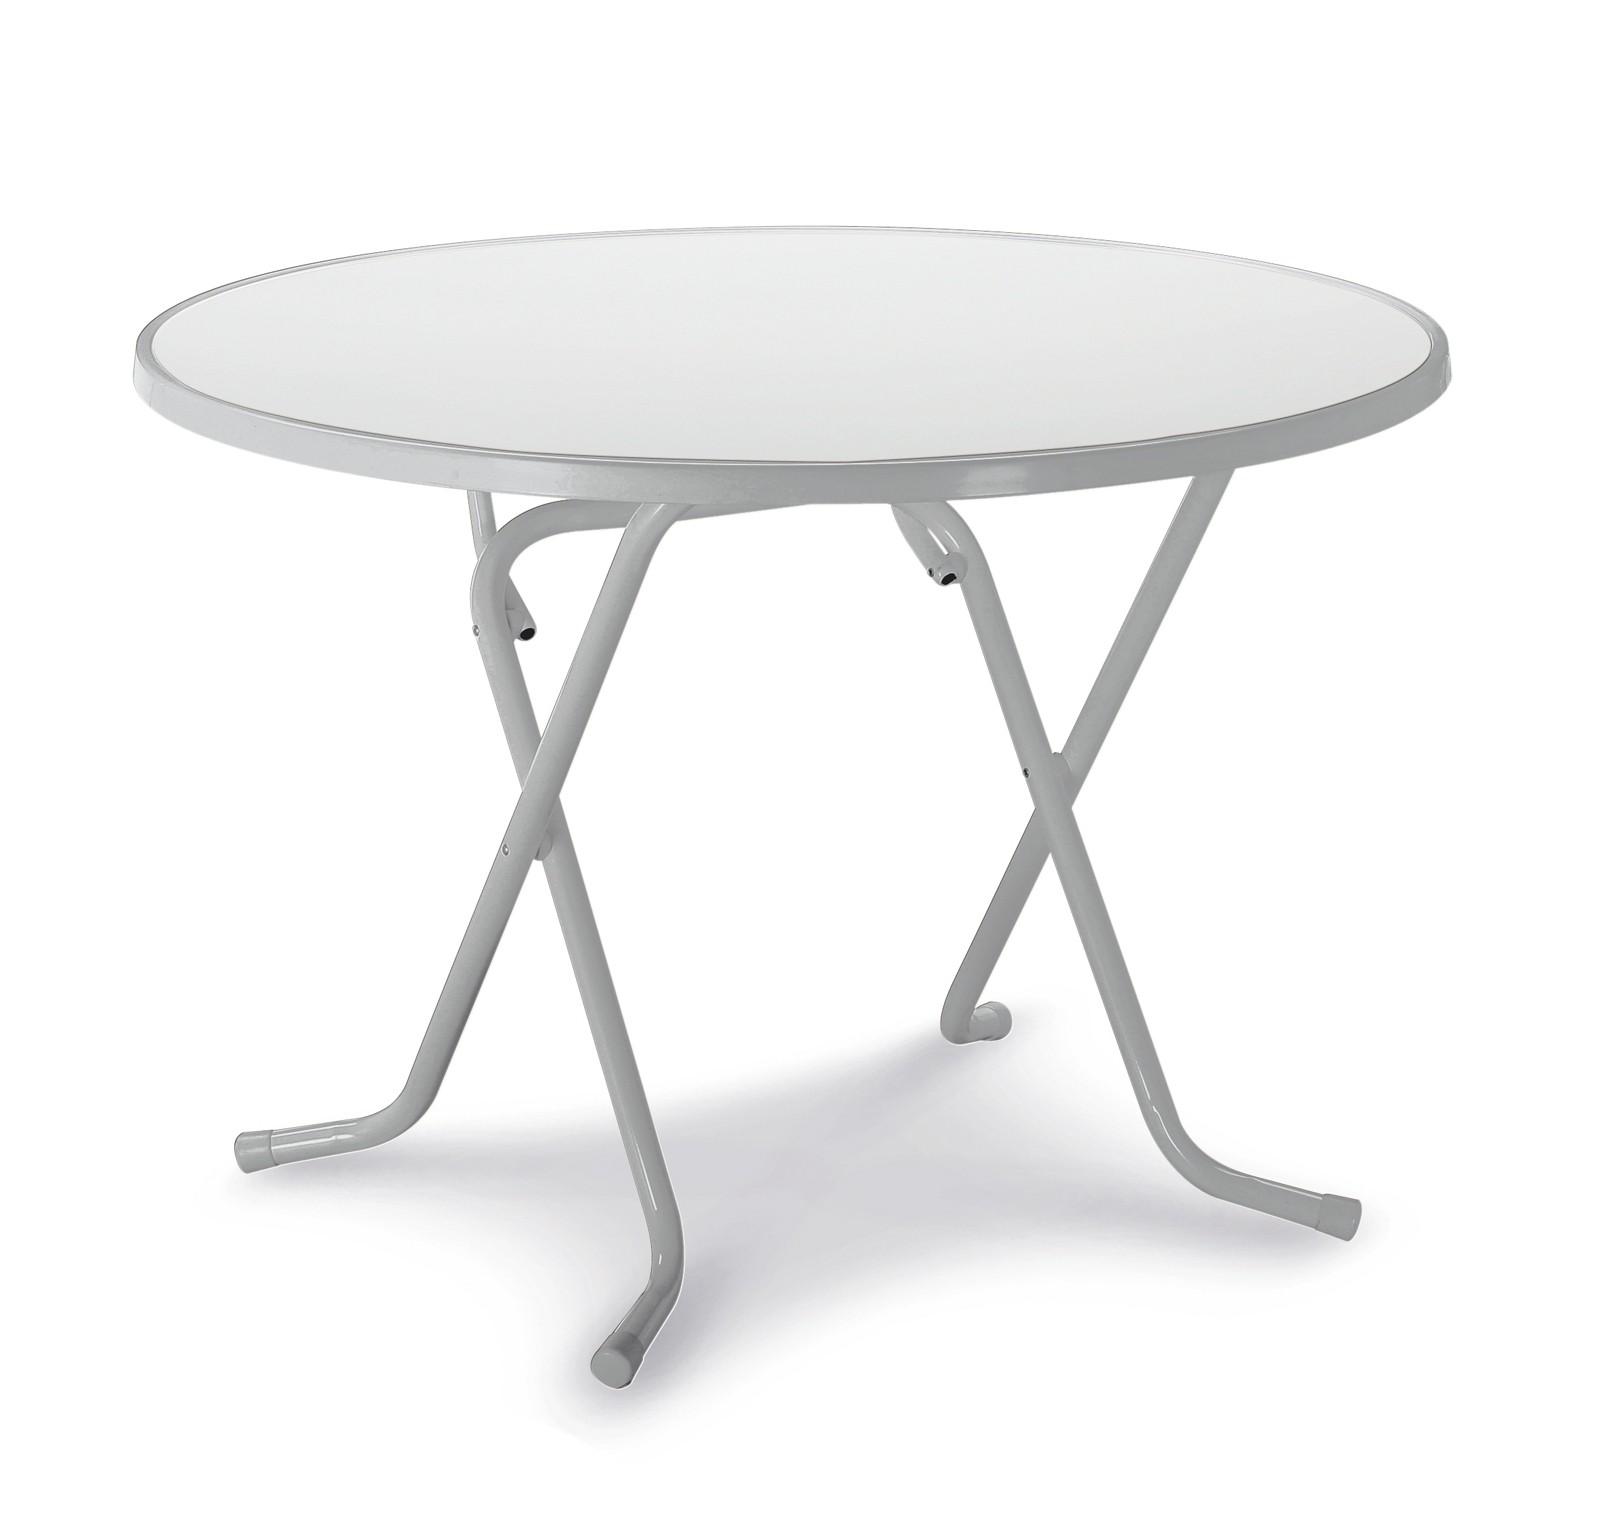 Gartentisch / Klapptisch Primo Best Ø100cm Stahl silber Bild 1